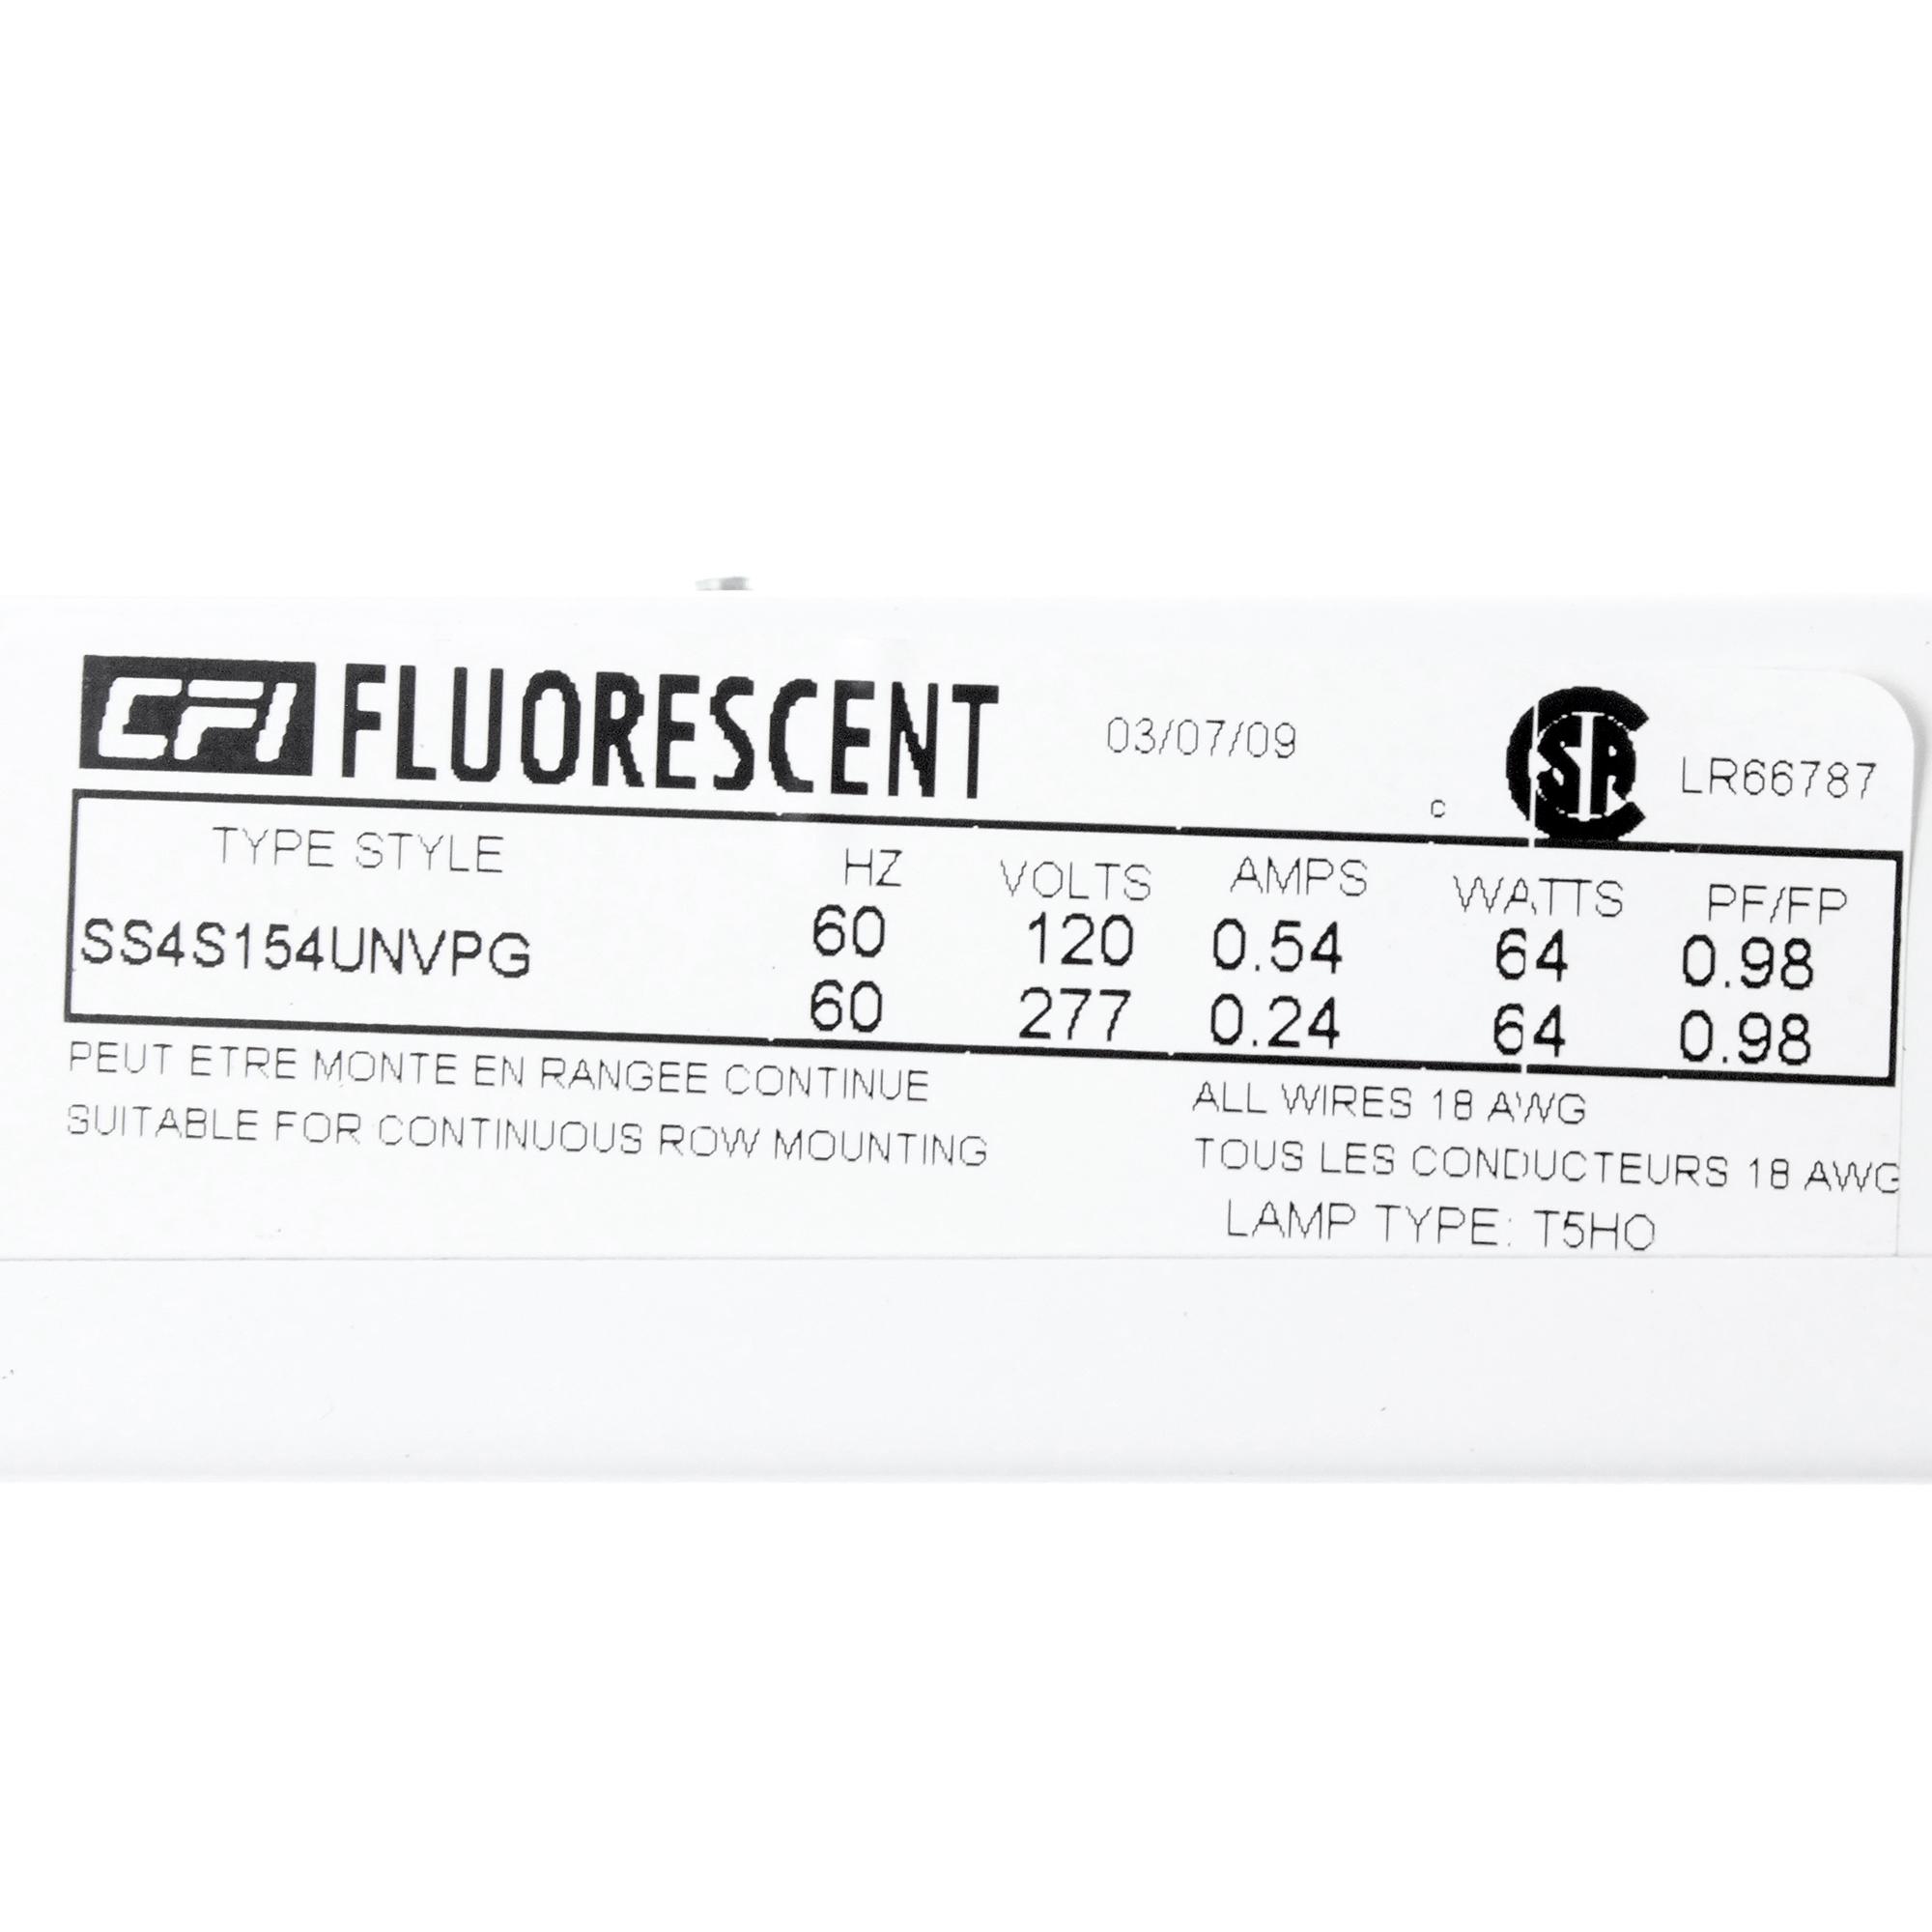 Lightolier Staggered Fluorescent T5ho Strip 4 T5 Light